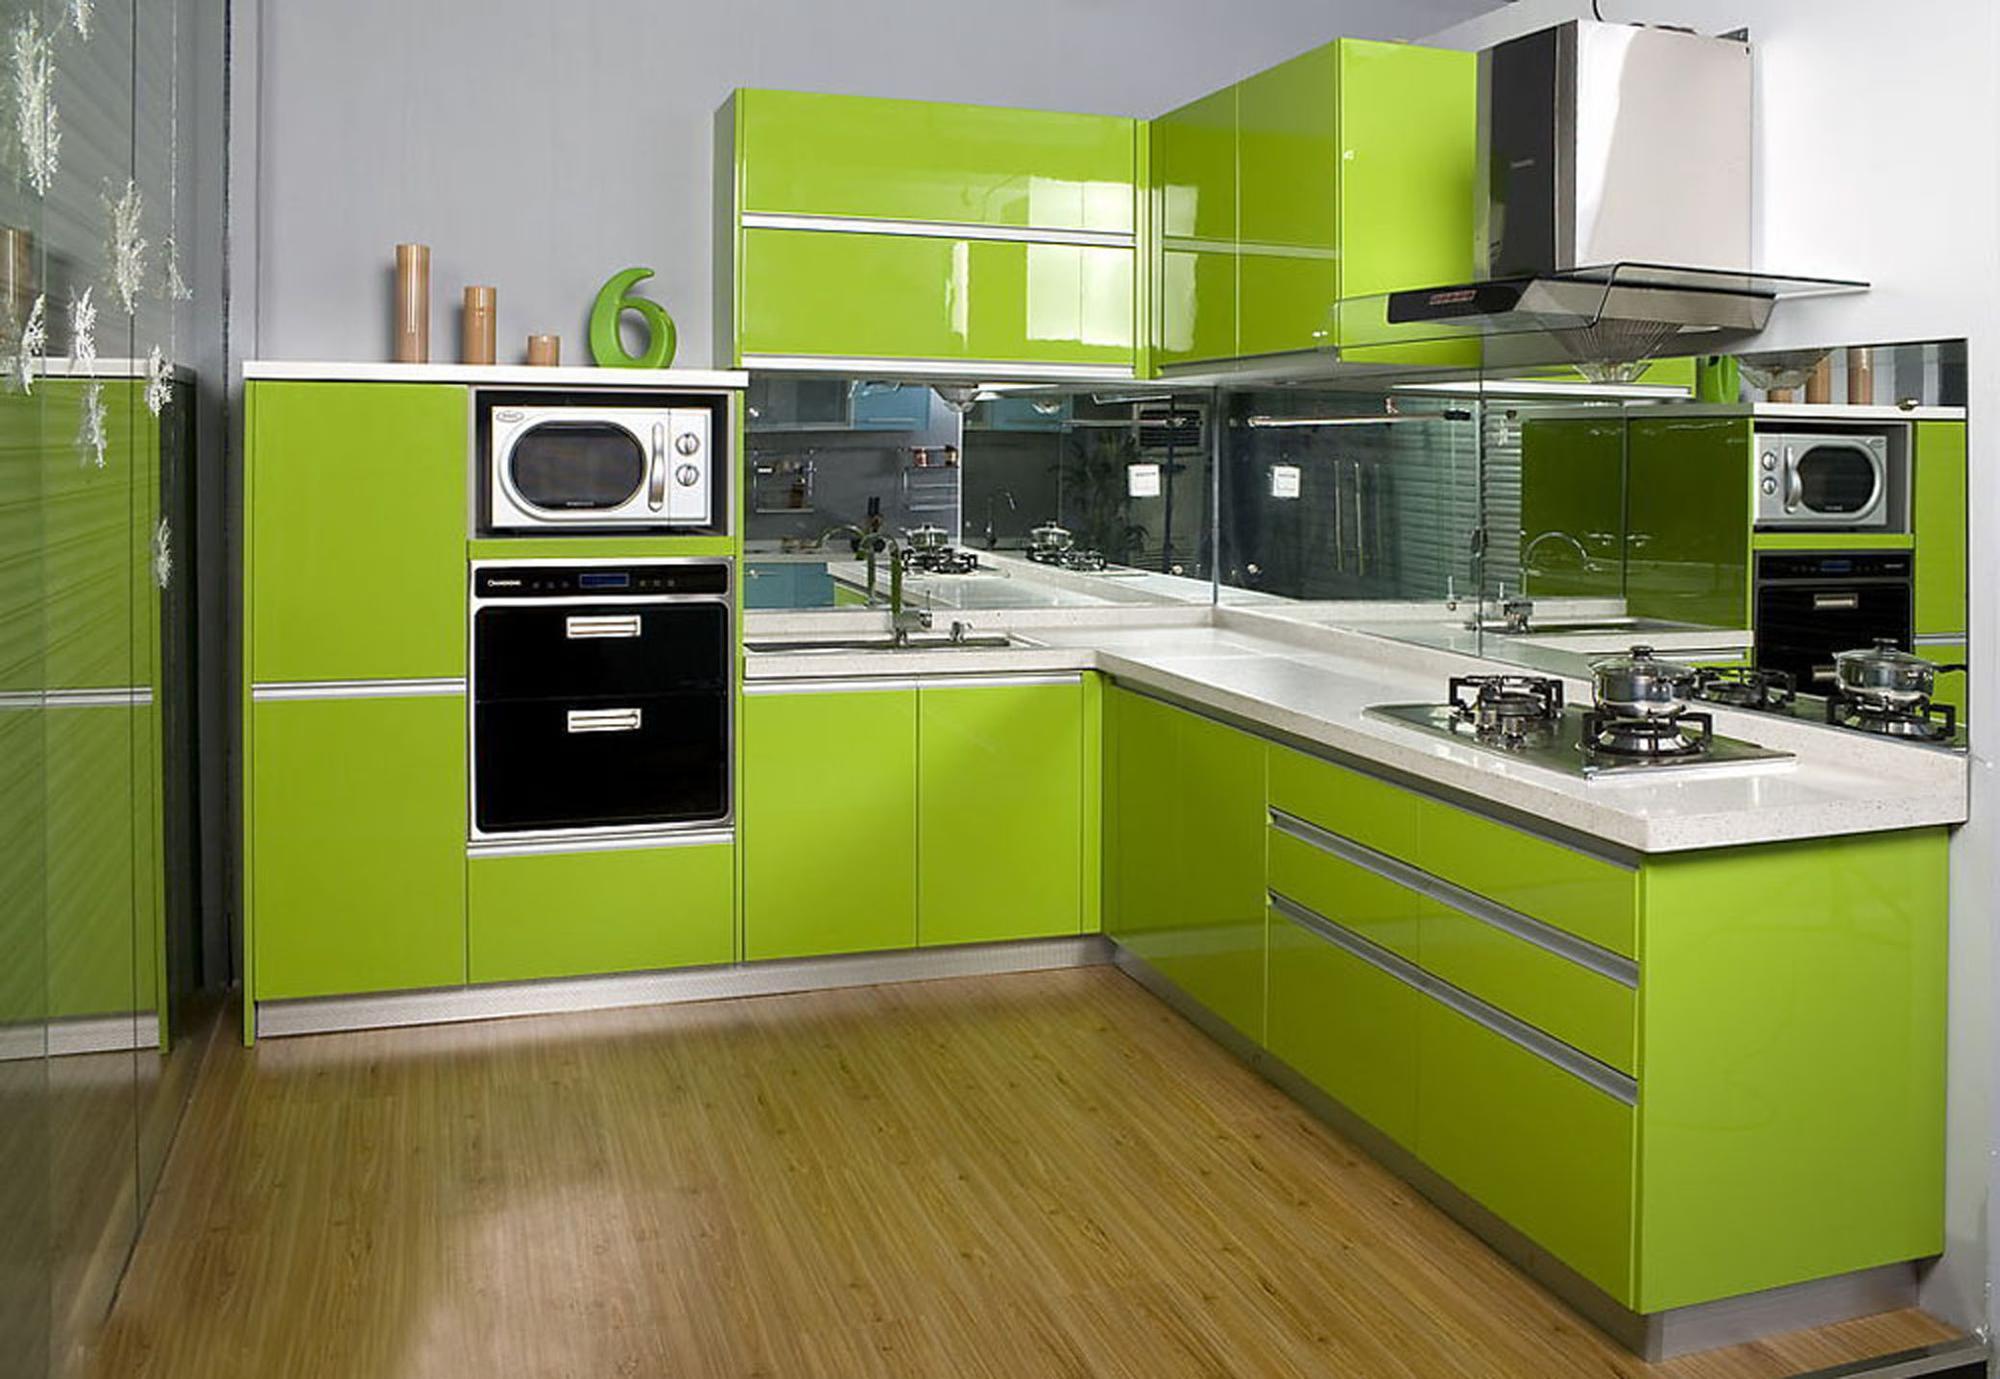 Exquisite Tempered Glass Kitchen Cabinet Door Green - Buy ...